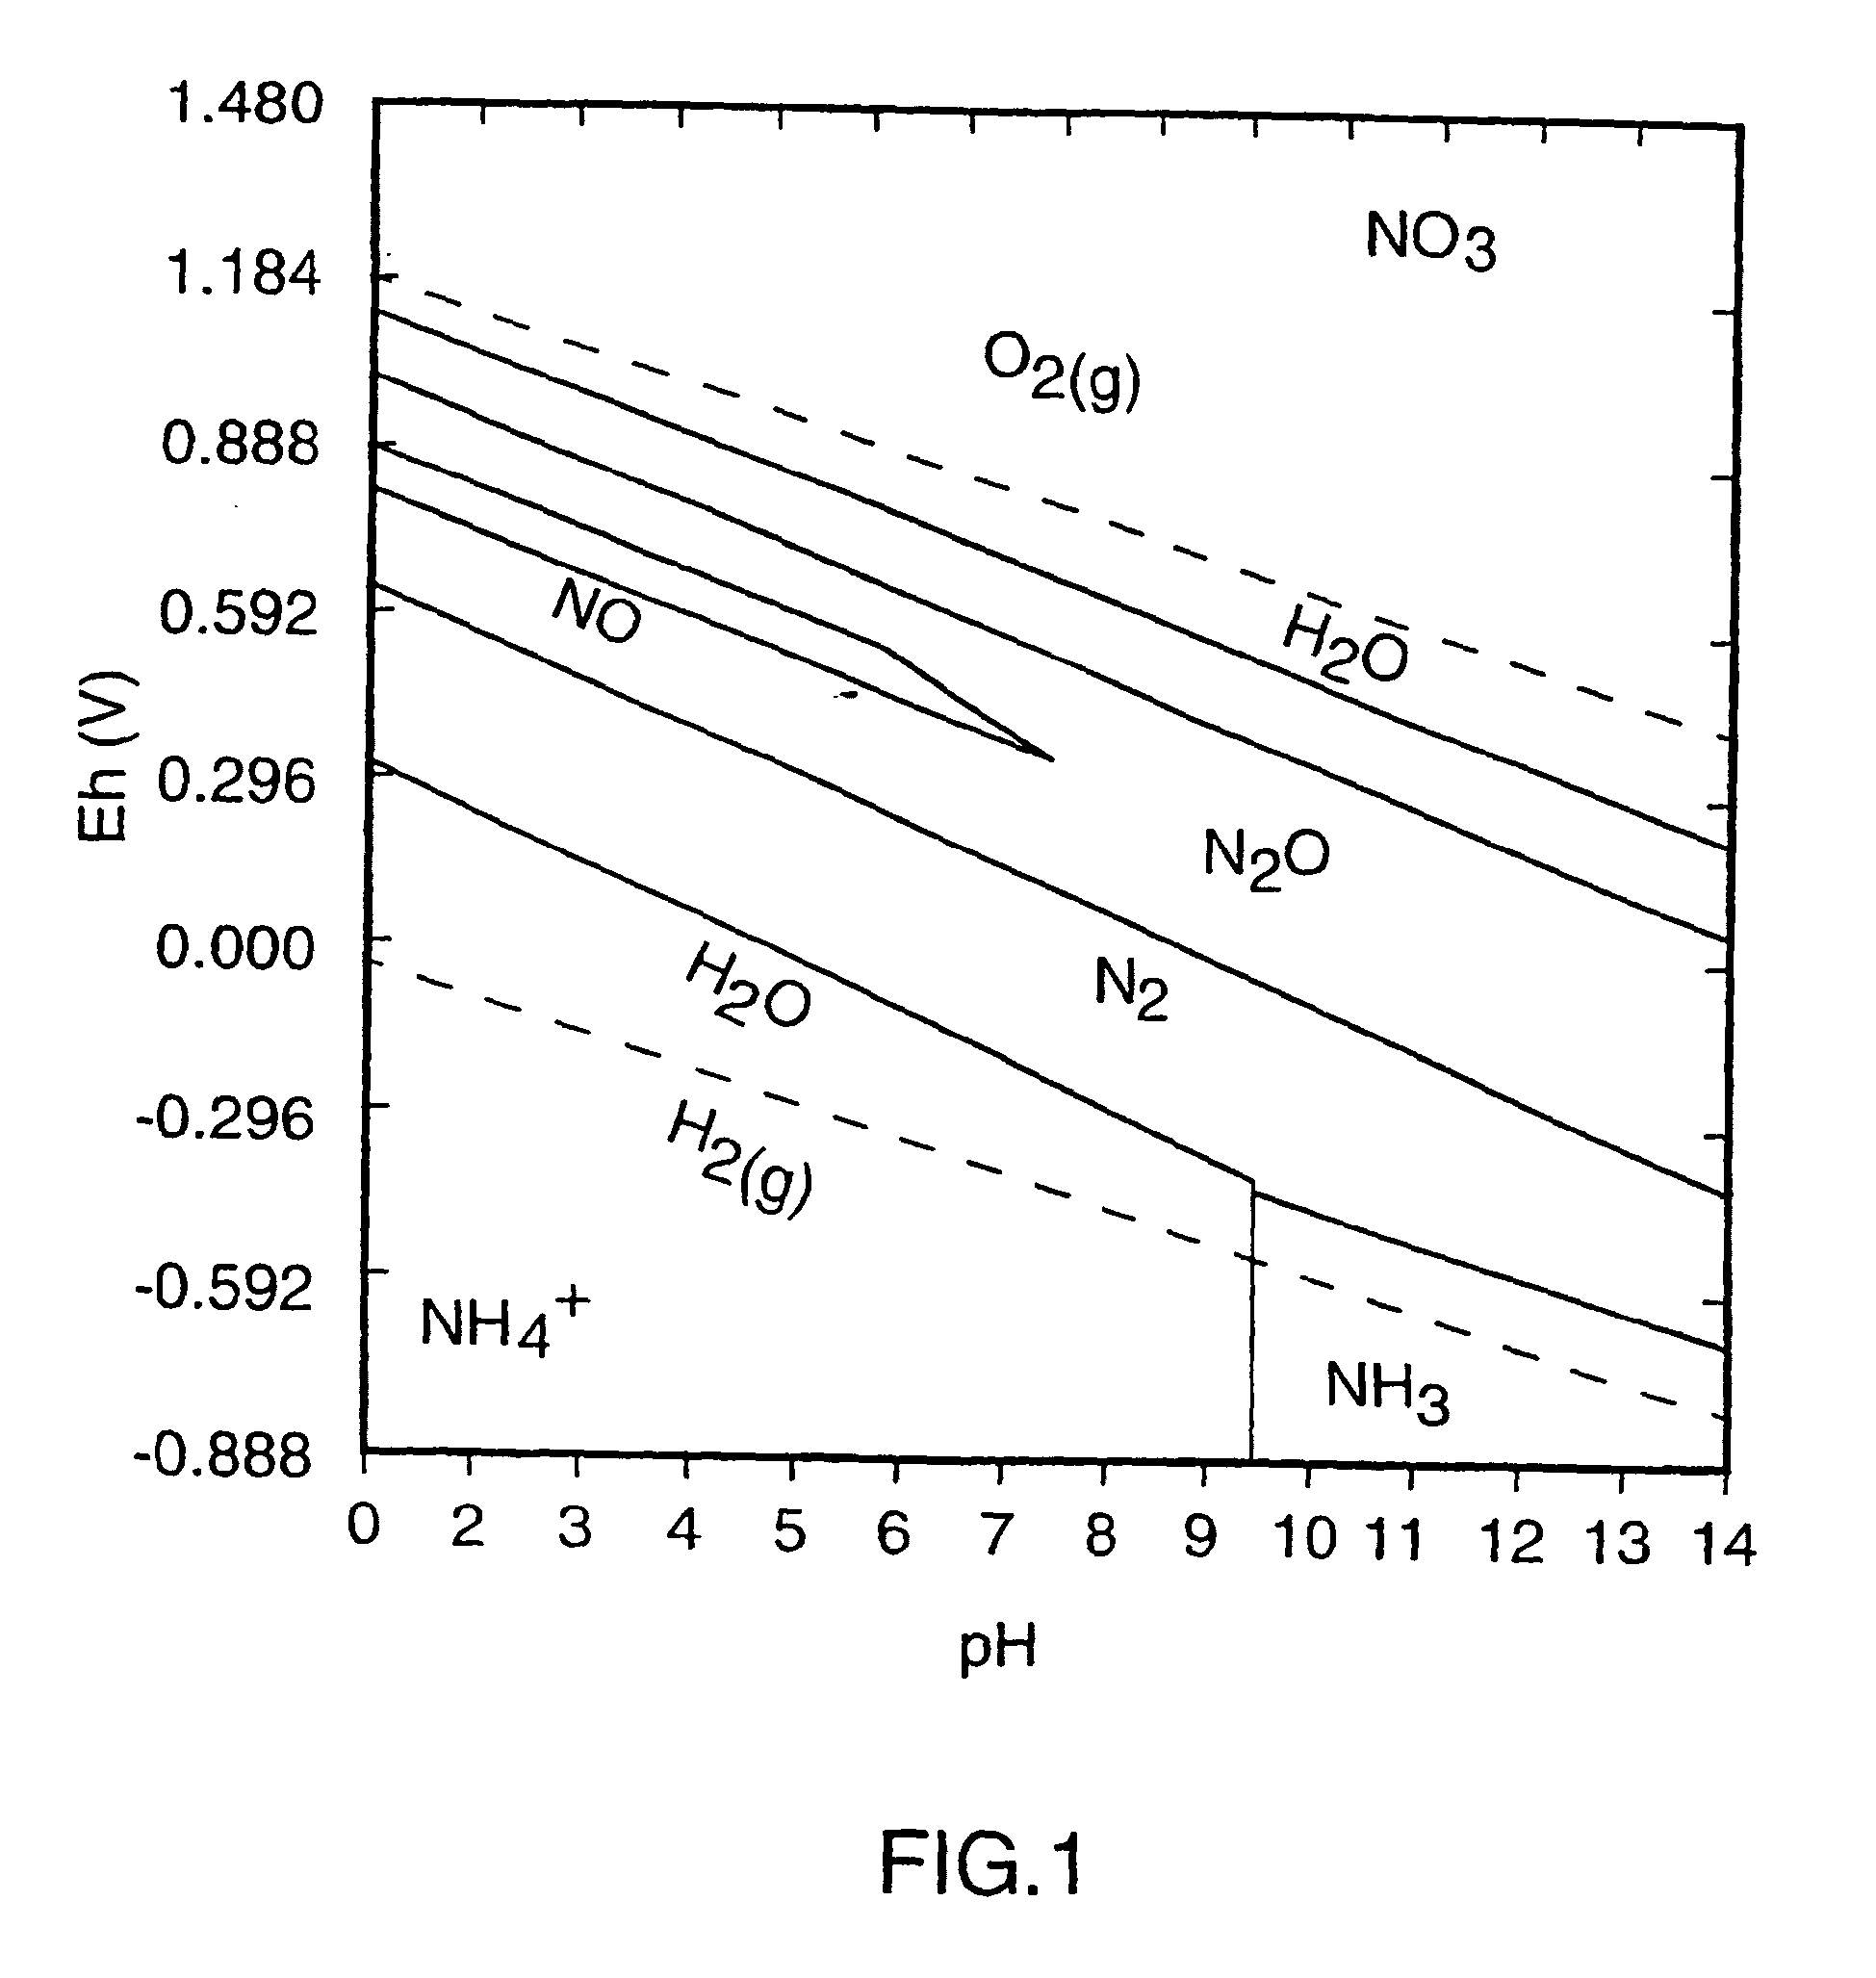 diagram for nitrogen orp eh